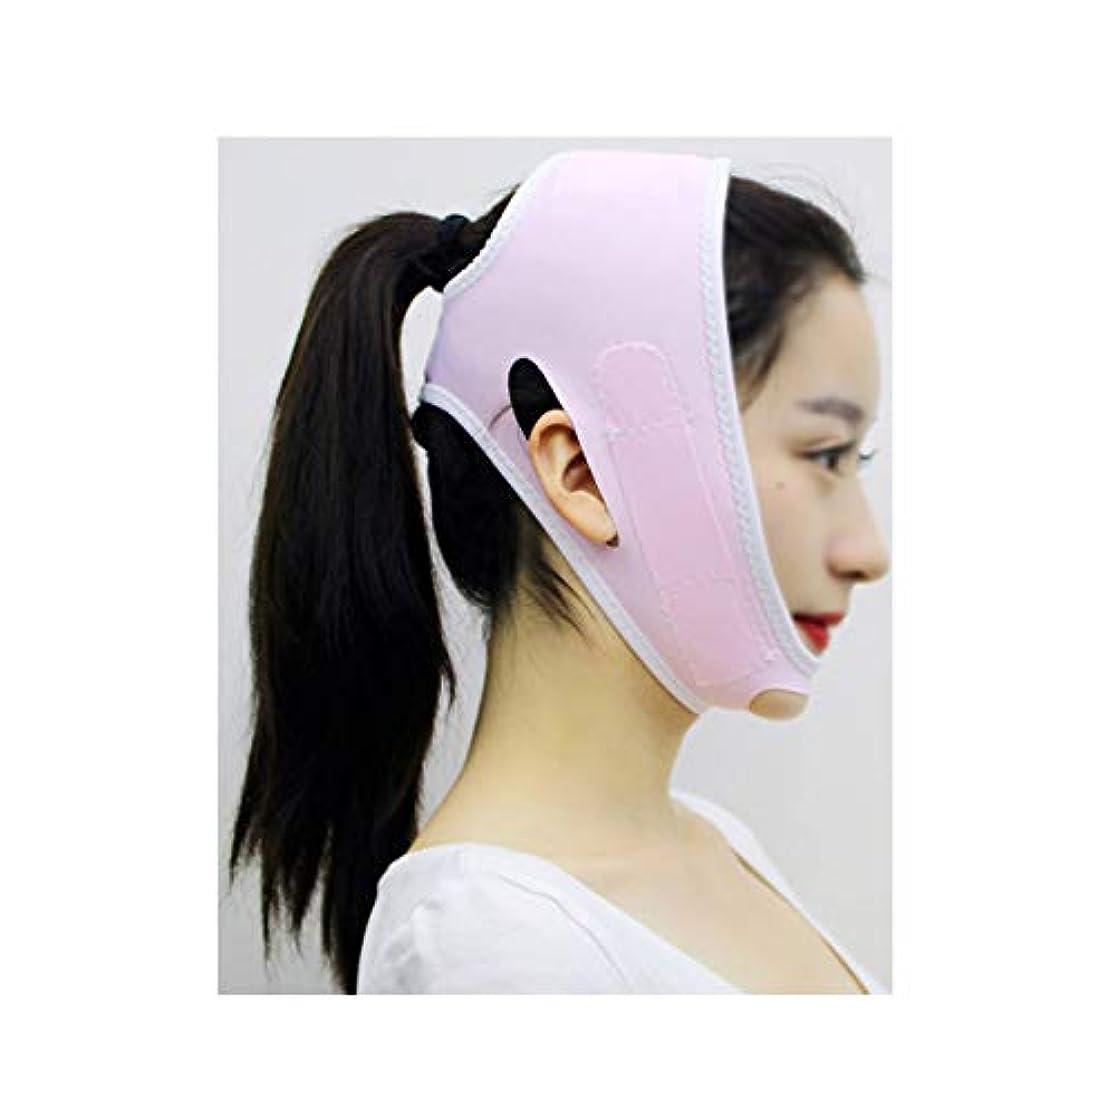 苦情文句労働クリーナーTLMY フェイシャルリフティングマスクあごストラップ修復包帯ヘッドバンドマスクフェイスリフティングスモールVフェイスアーティファクト型美容弾性フェイシャル&ネックリフティング 顔用整形マスク (Color : Pink)